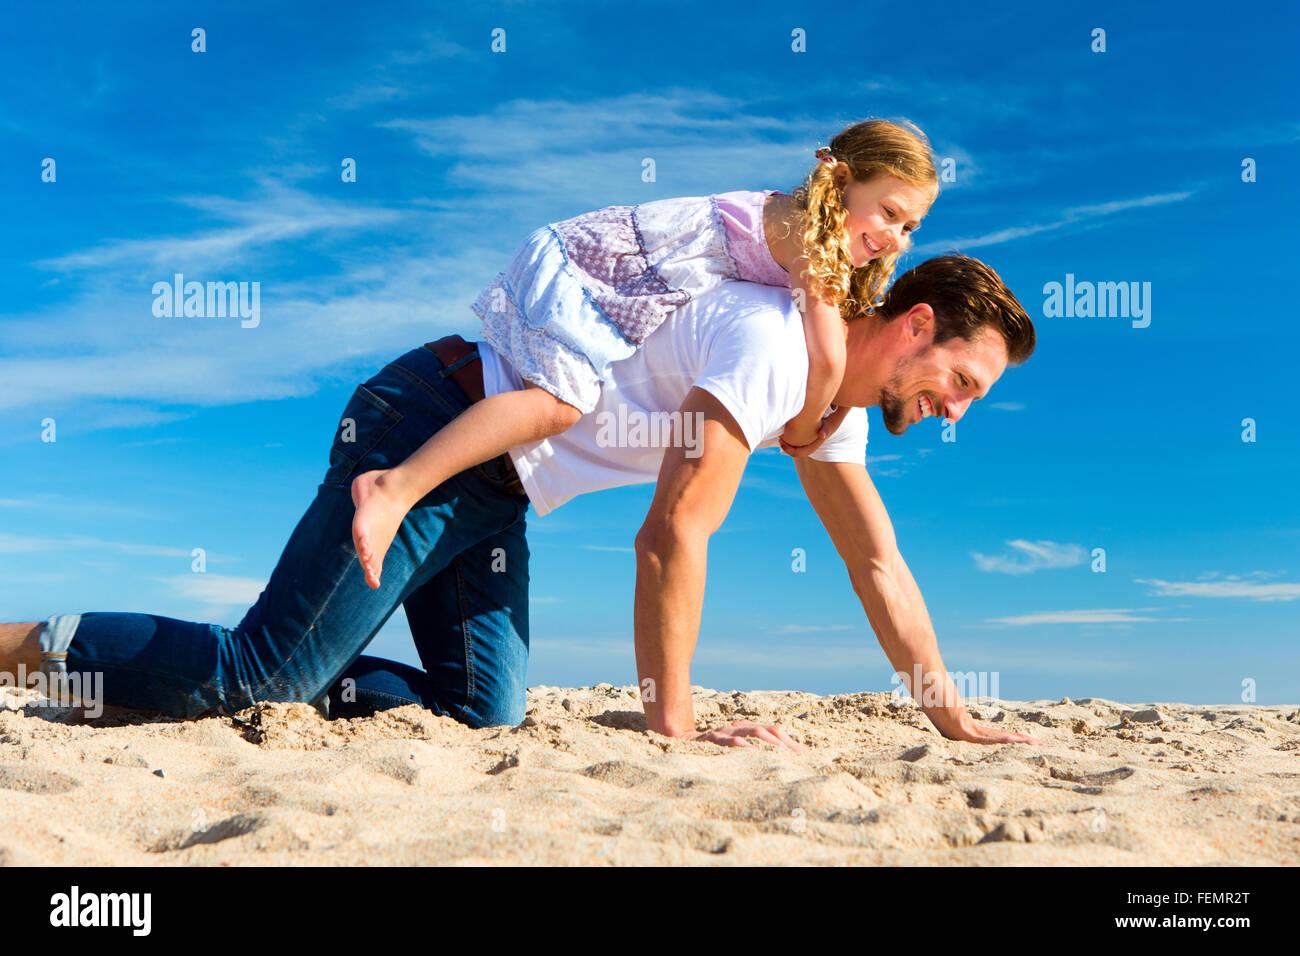 Vater mit seiner Tochter auf dem Rücken entlang der Sand am Strand. Stockbild